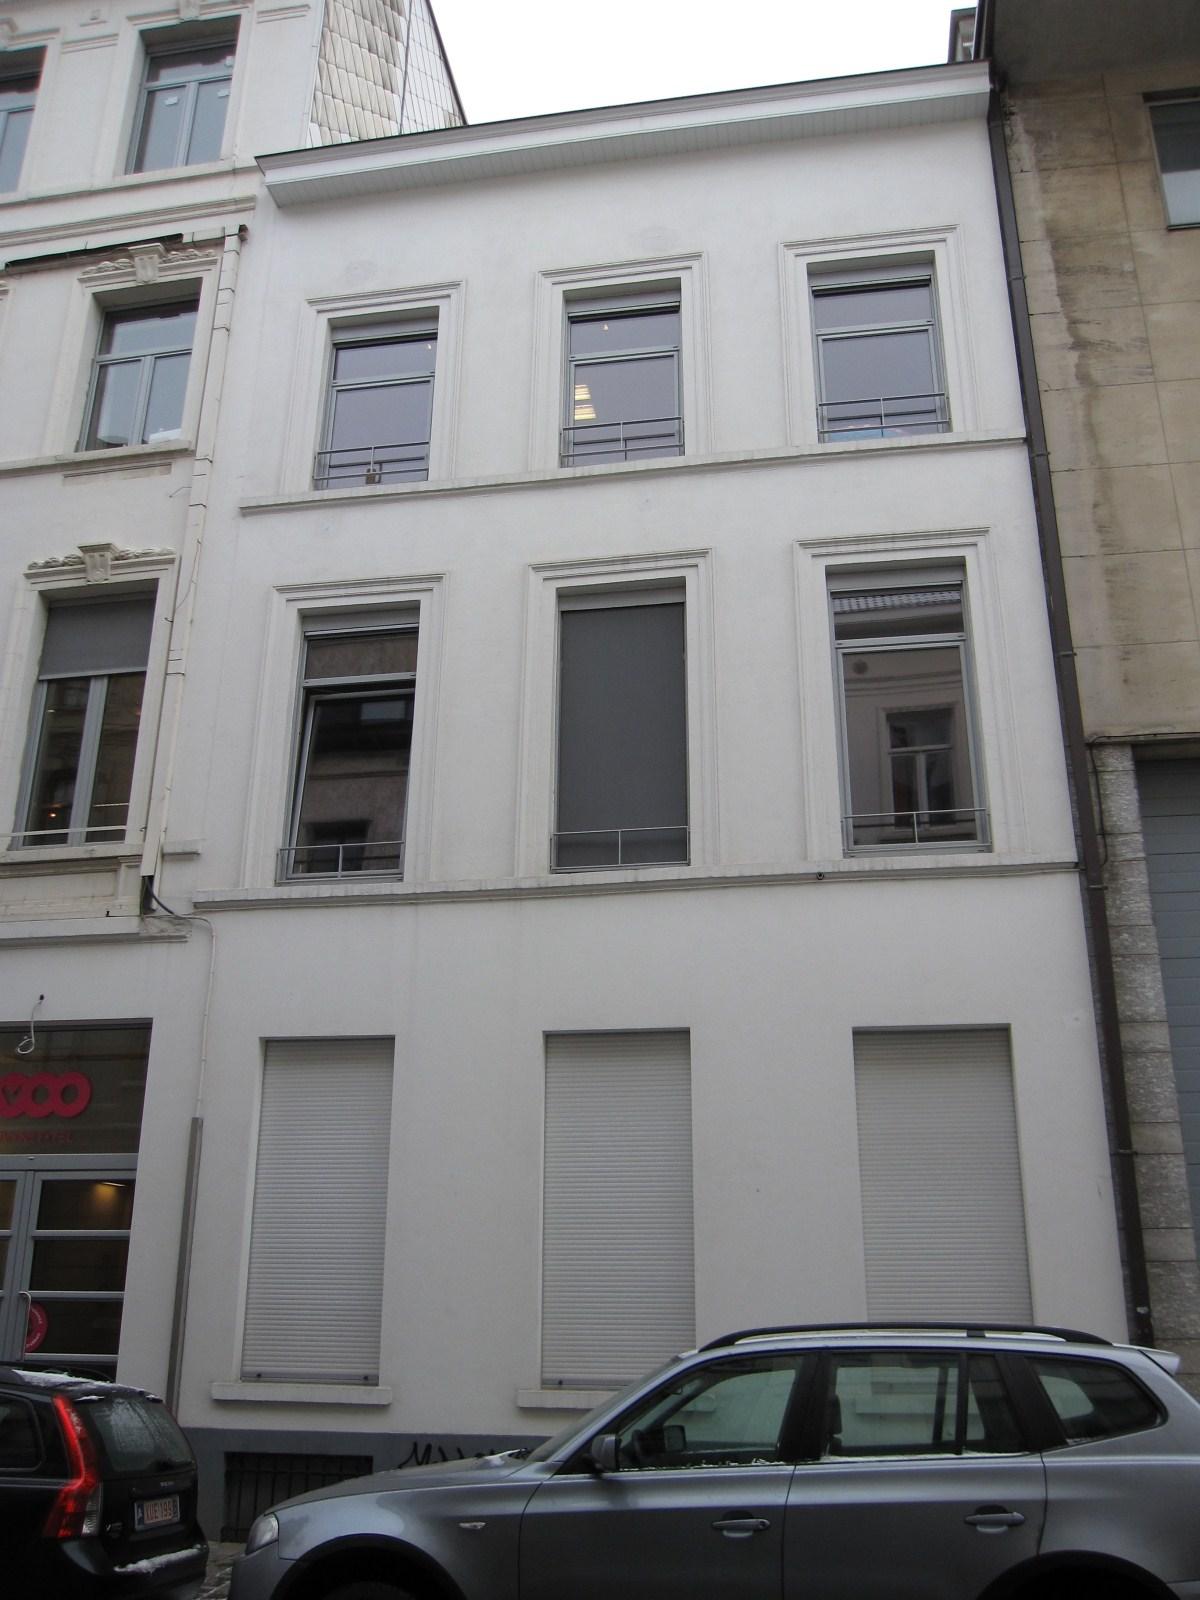 Rue de Naples 27., 2010